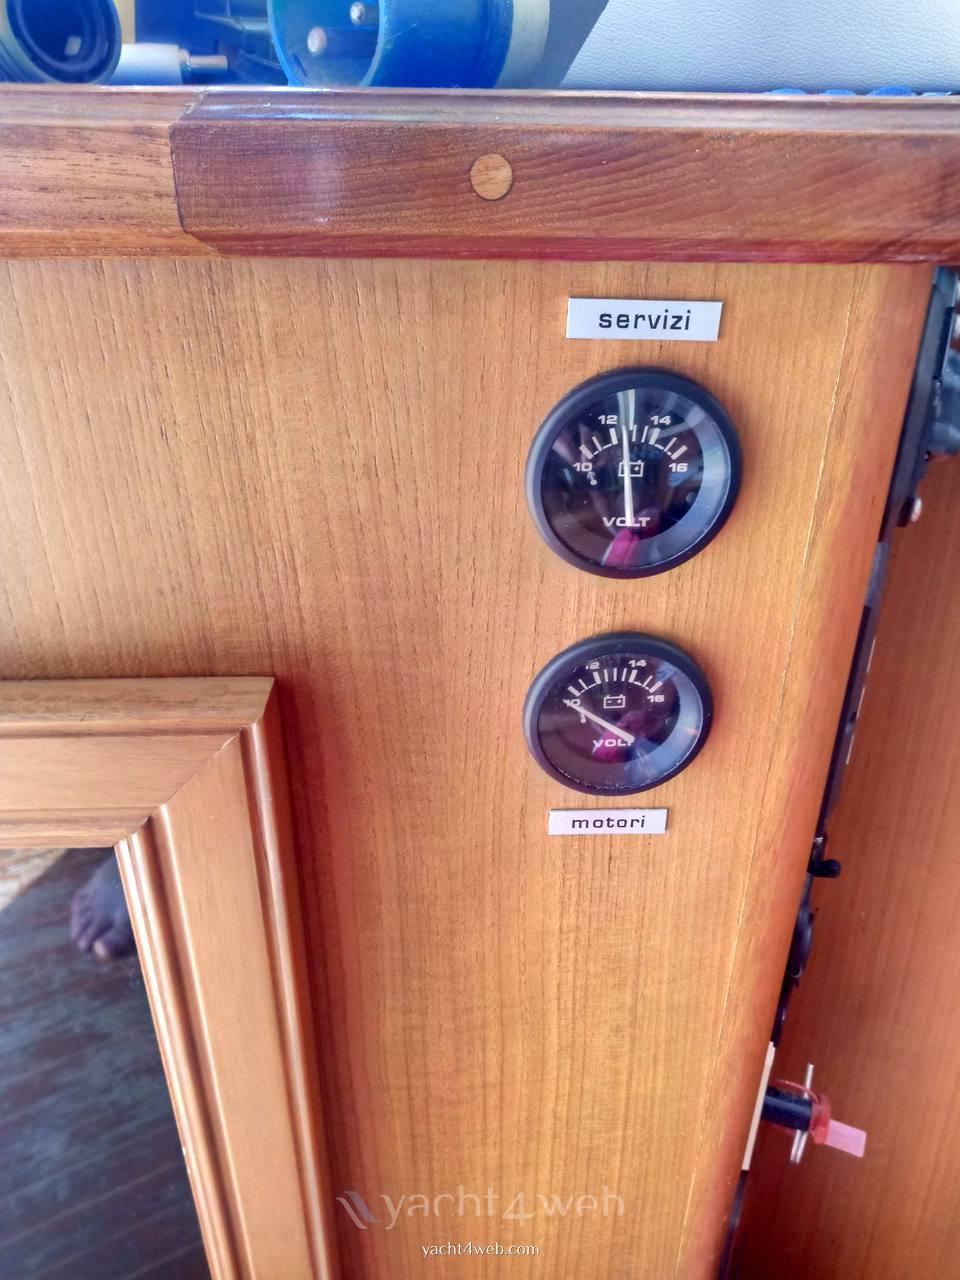 Egg Harbor Yacht Golden egg 38 Motor boat used for sale